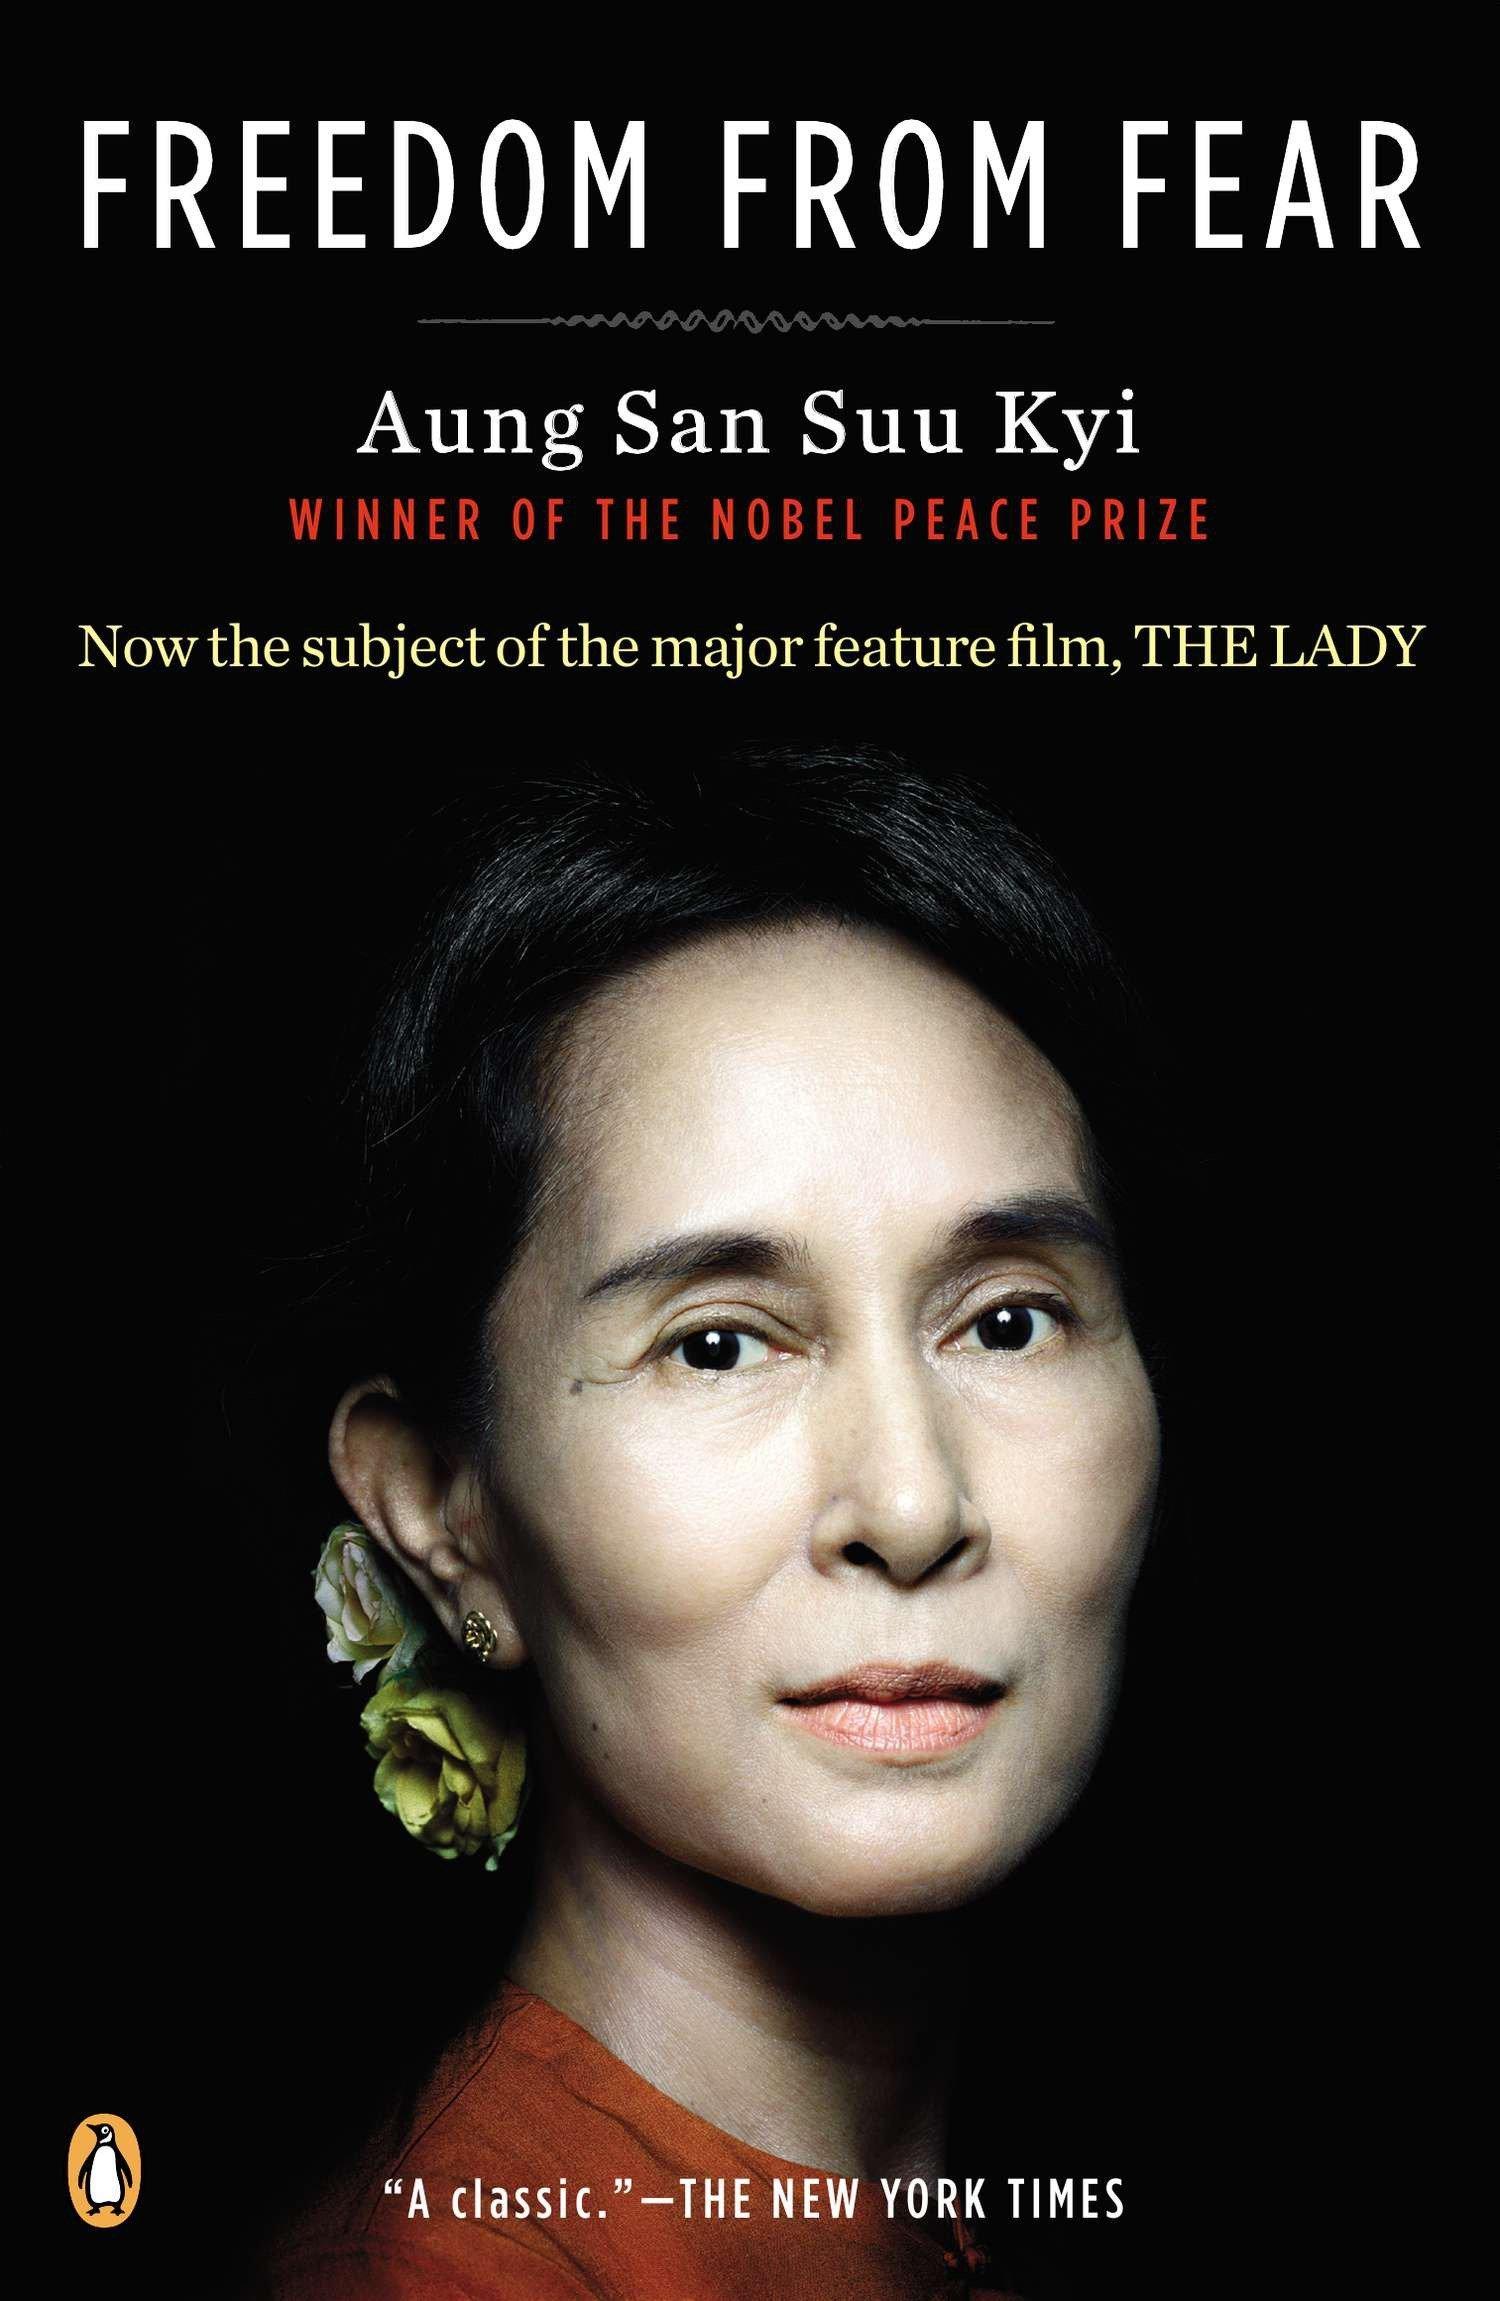 Biography kyi aung pdf san suu